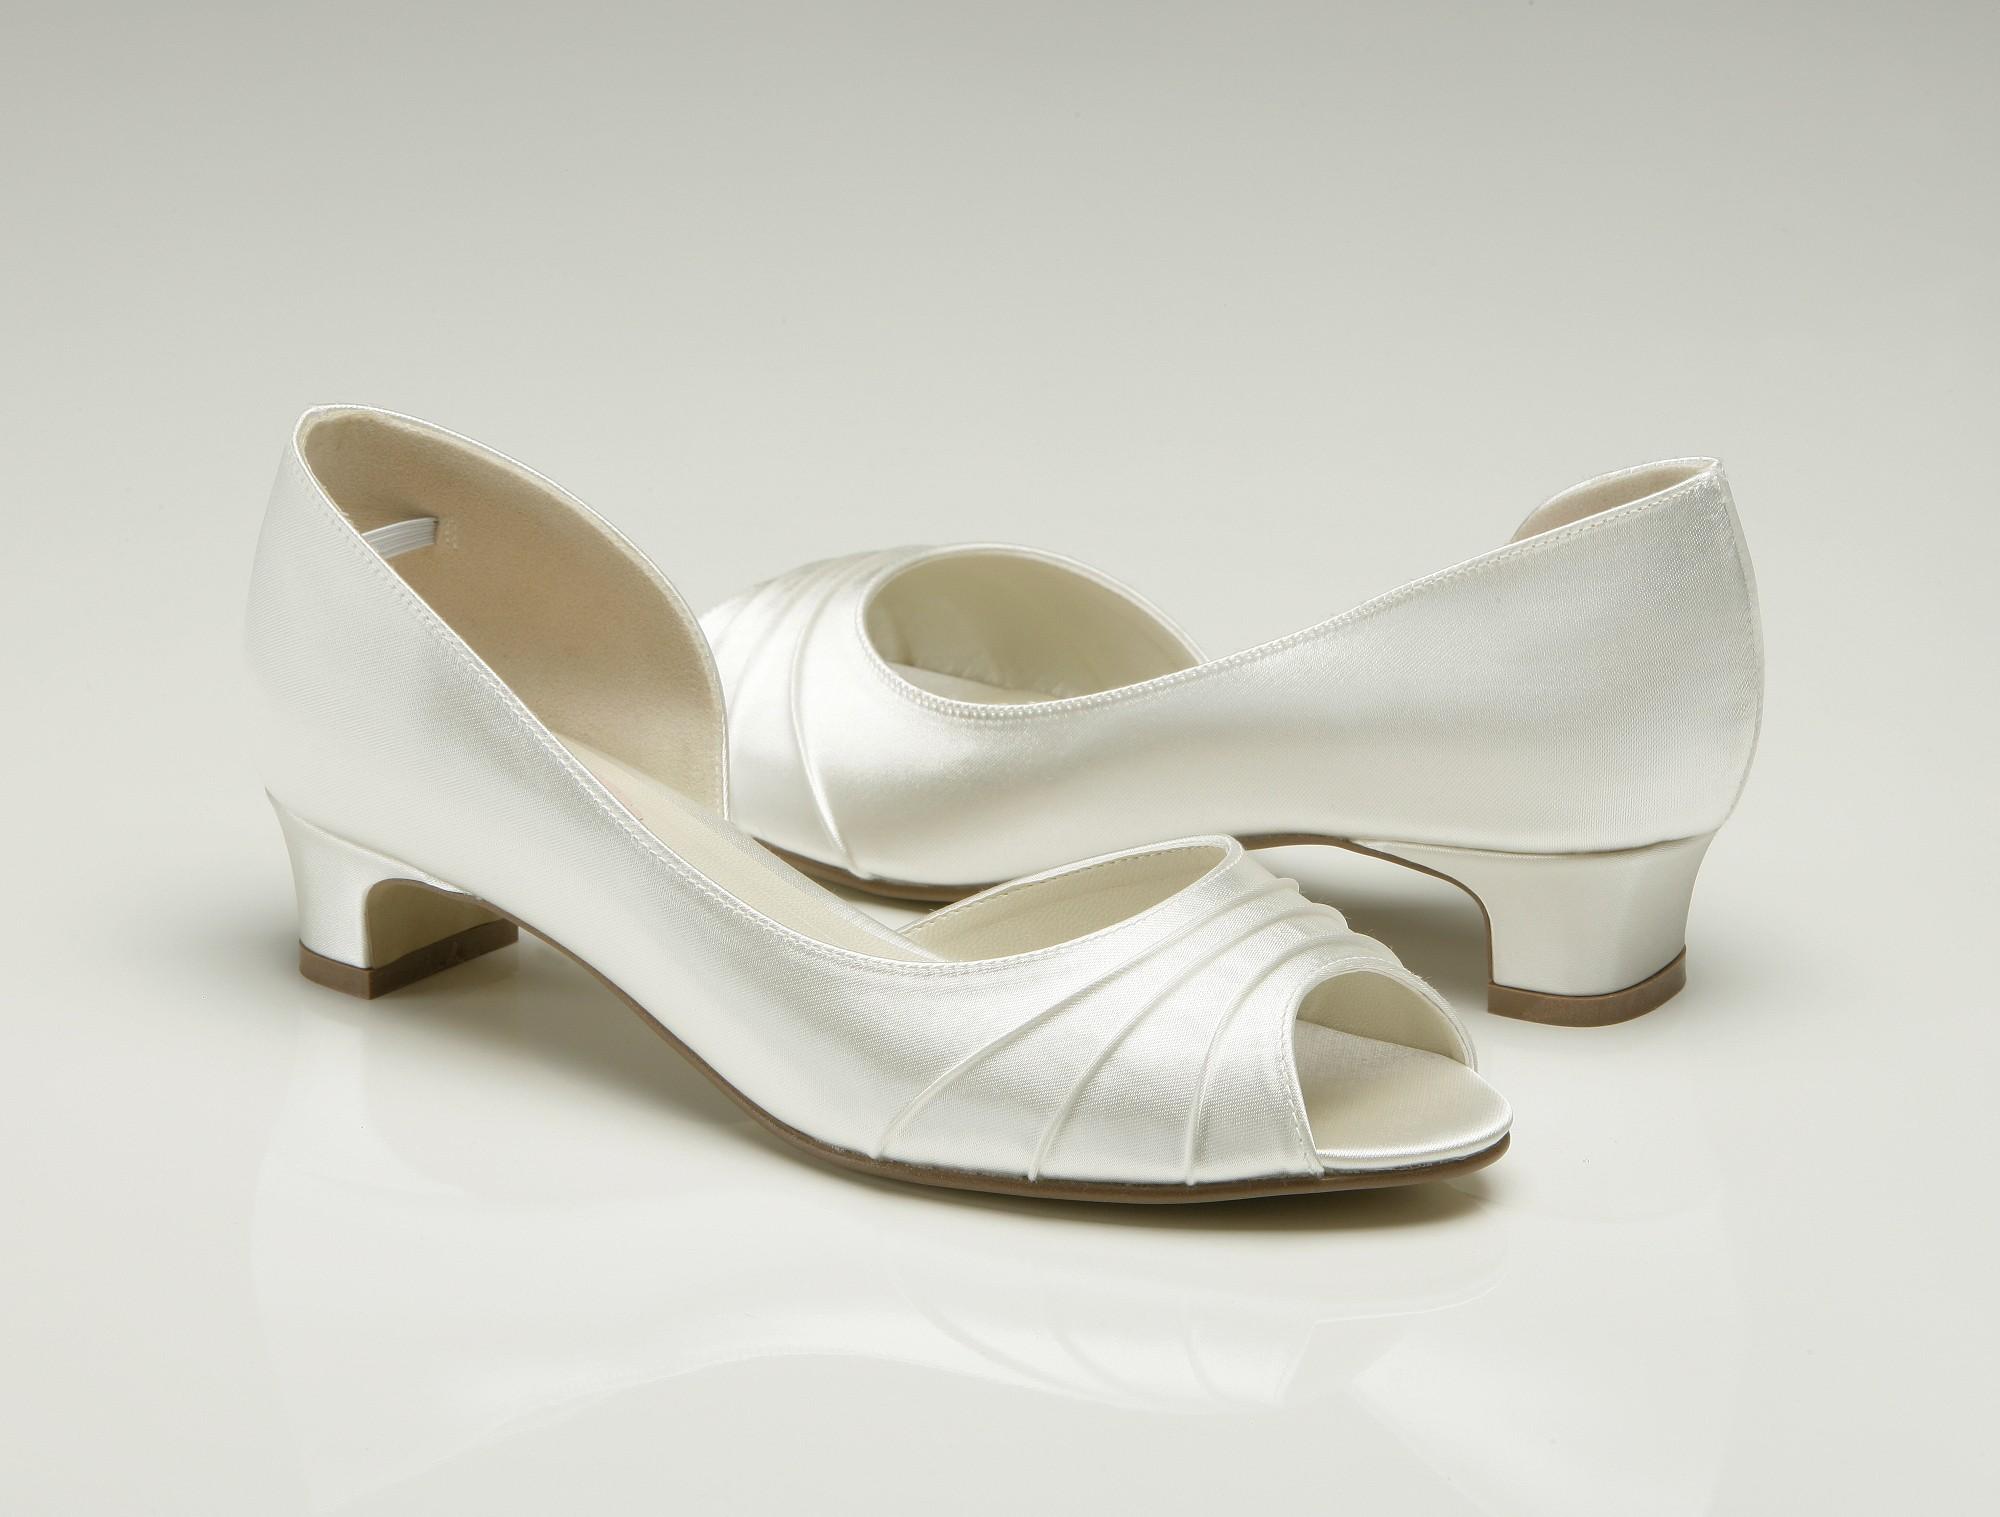 ivory wedding shoes wedges photo - 1